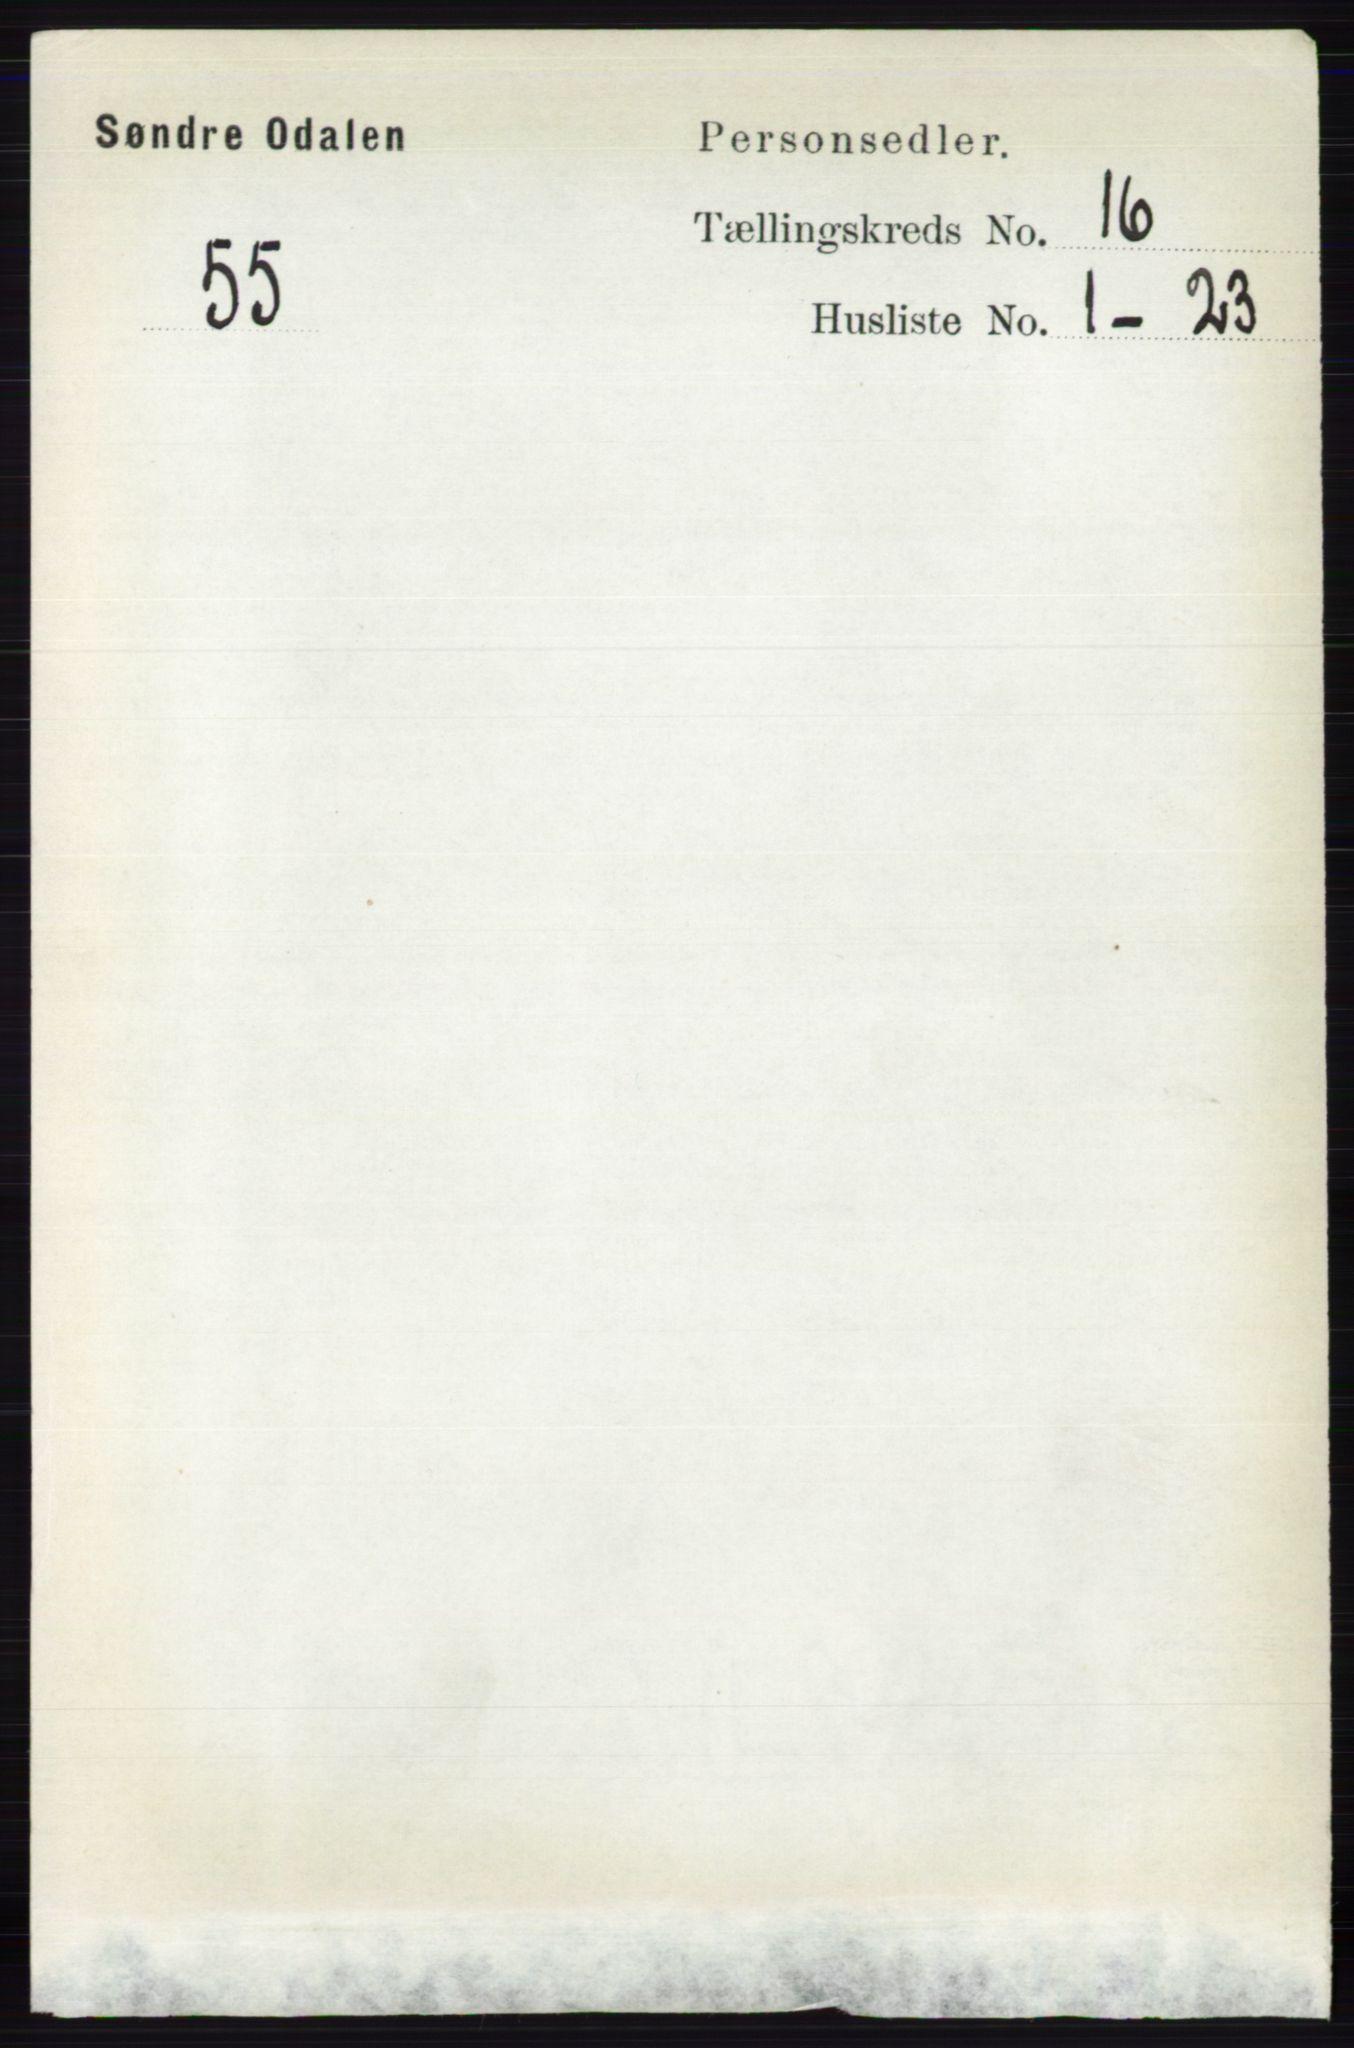 RA, Folketelling 1891 for 0419 Sør-Odal herred, 1891, s. 7269